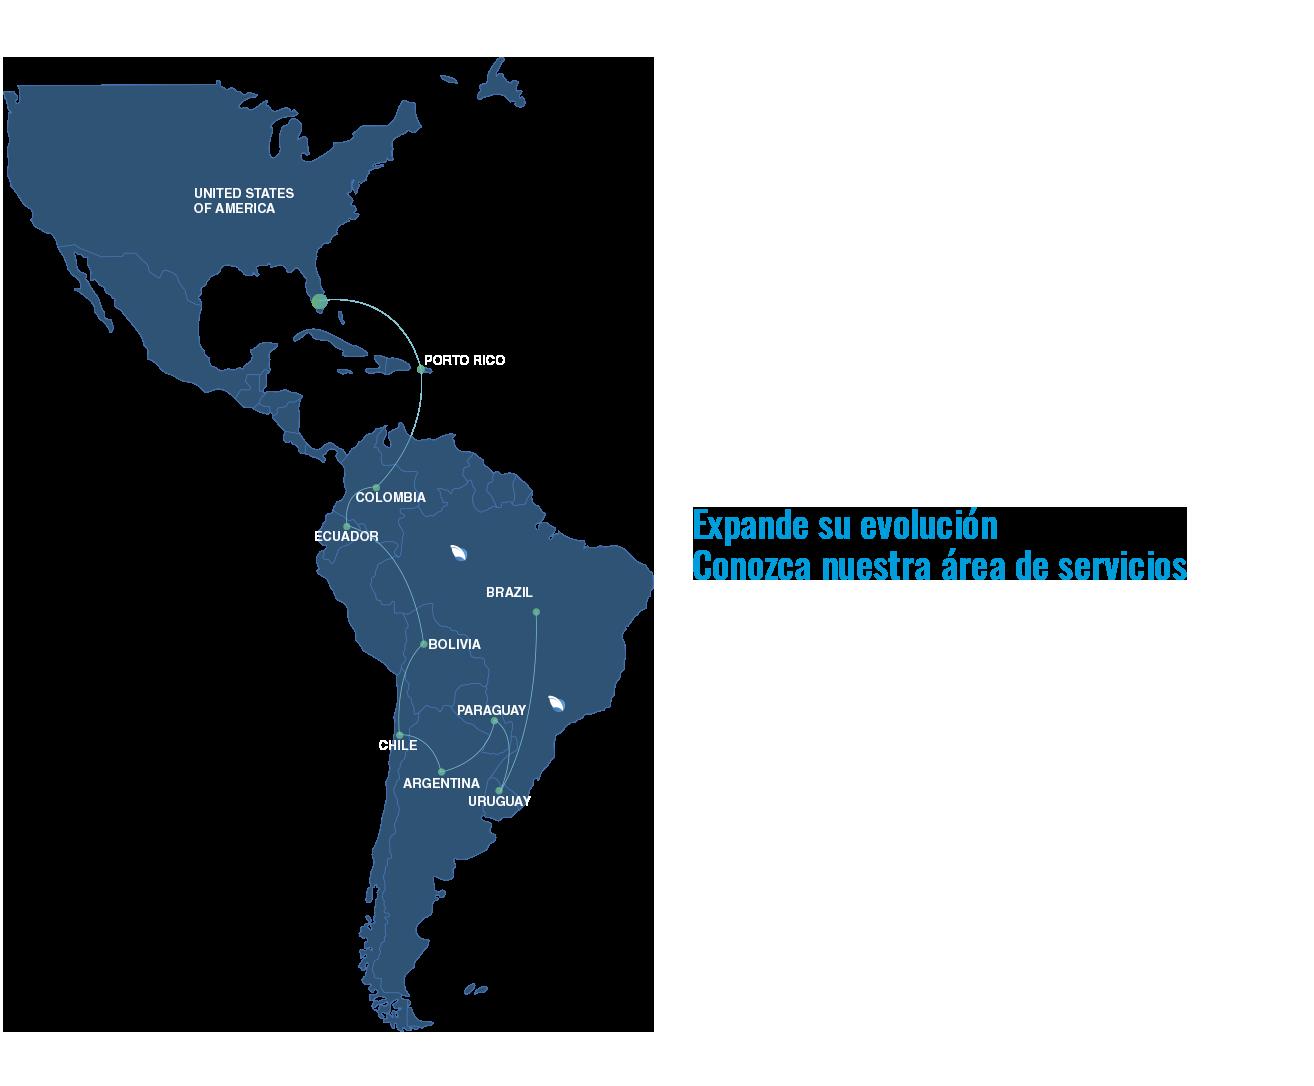 mapa-espanhol_03